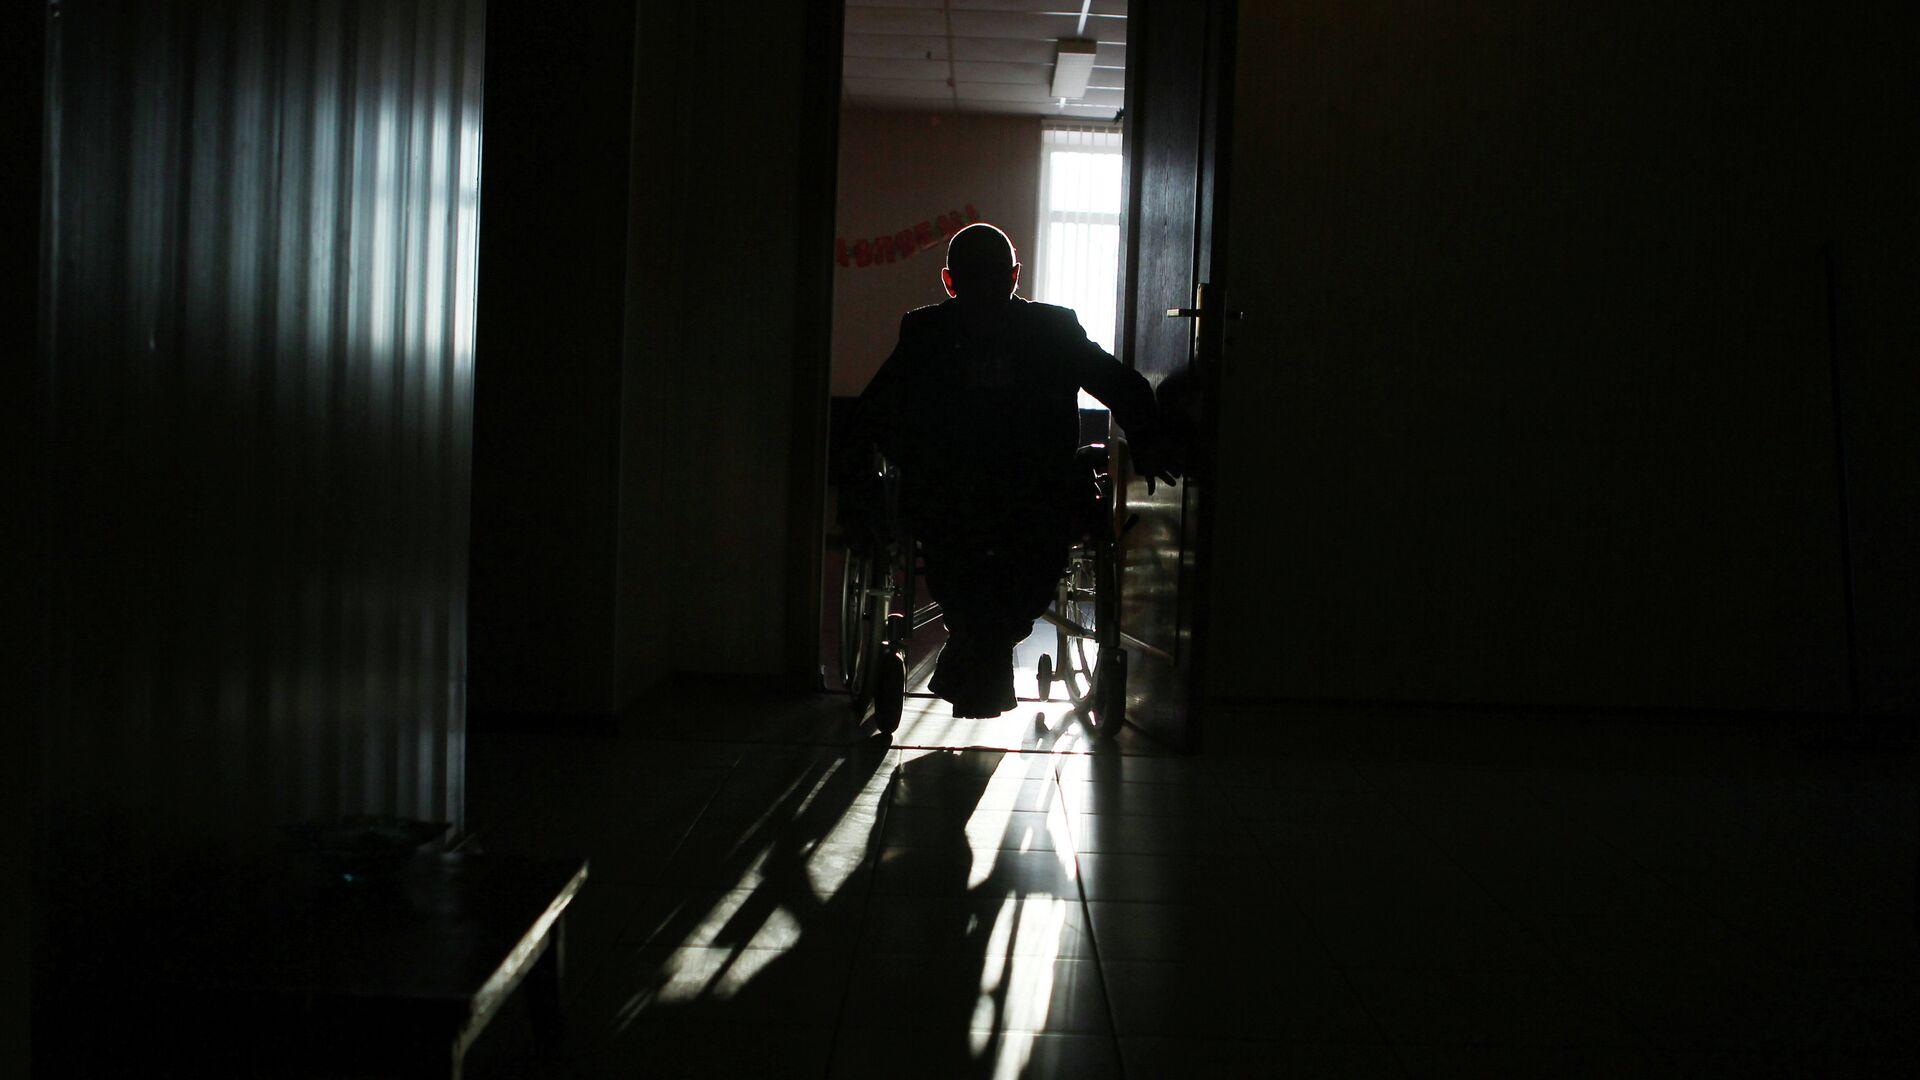 Человек в инвалидной коляске - РИА Новости, 1920, 08.08.2021